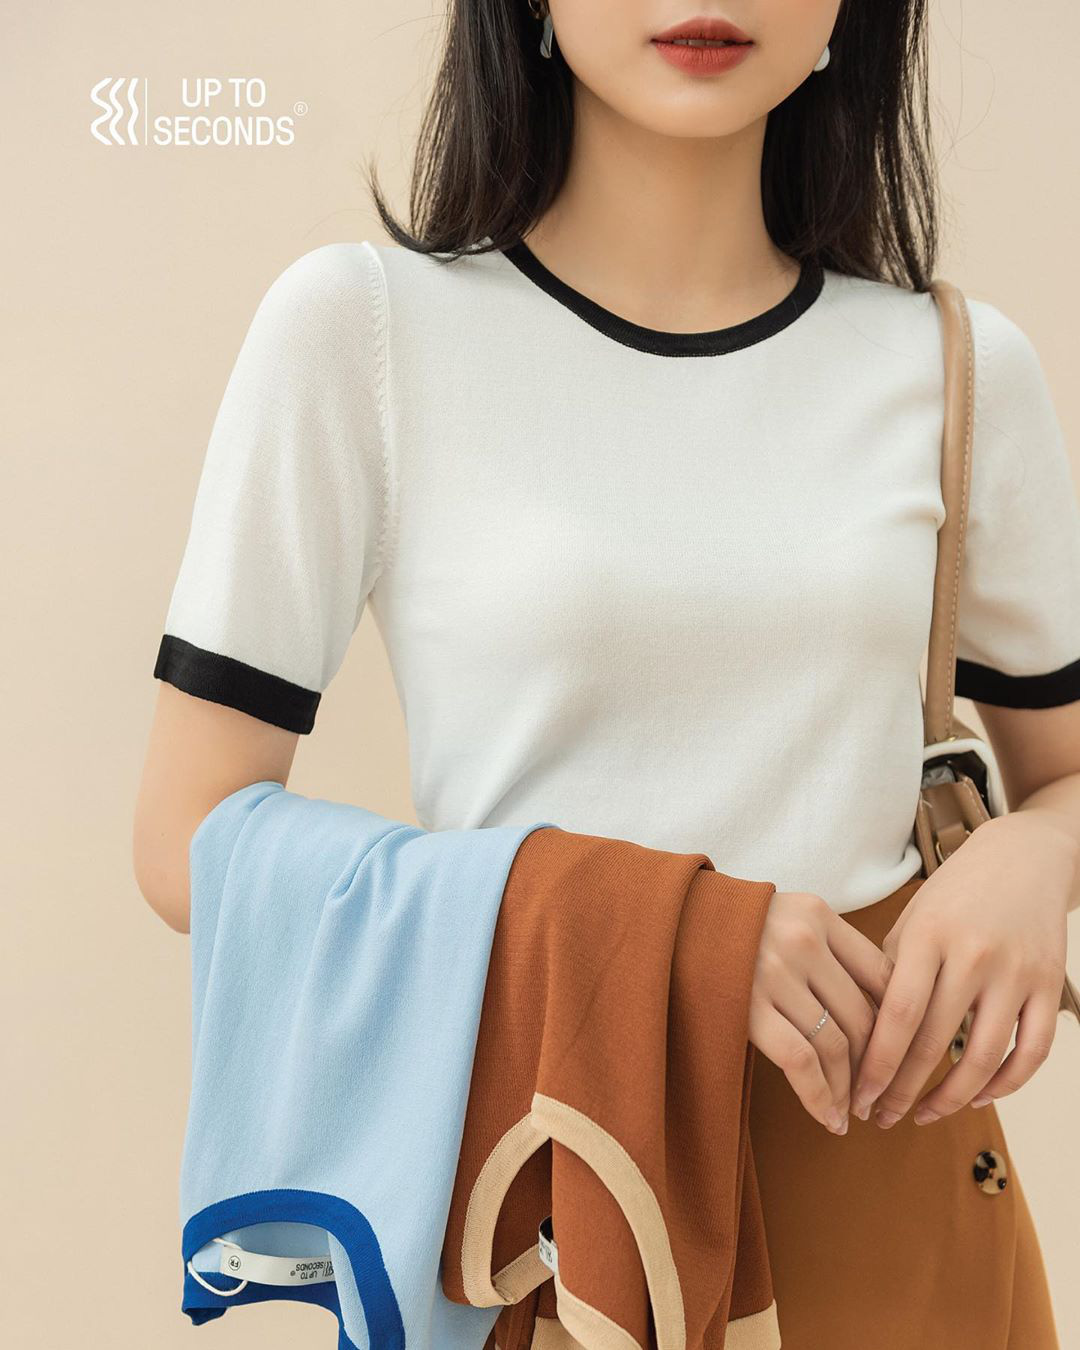 Ngắm 10 mẫu áo len cộc tay xinh chuẩn Hàn này, bạn sẽ muốn sắm bằng hết để diện dần  - Ảnh 17.